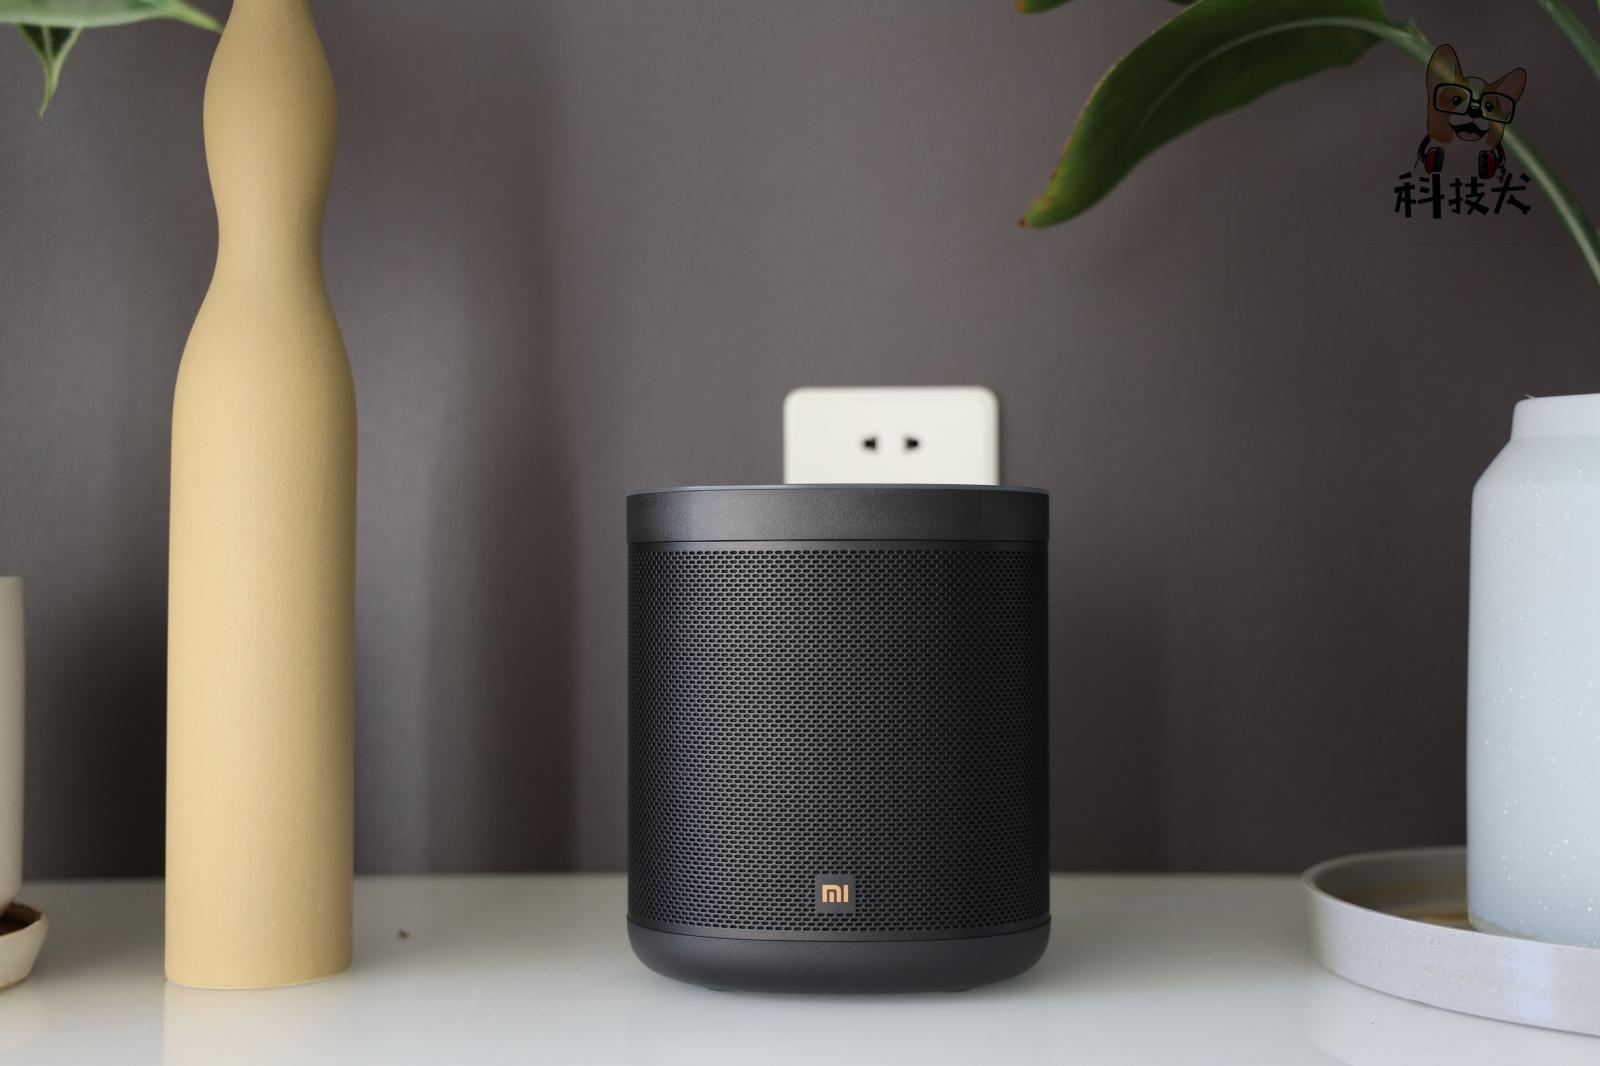 小米小爱音箱Art电池版体验:方便携带随意放,迷你嗨吧把歌唱